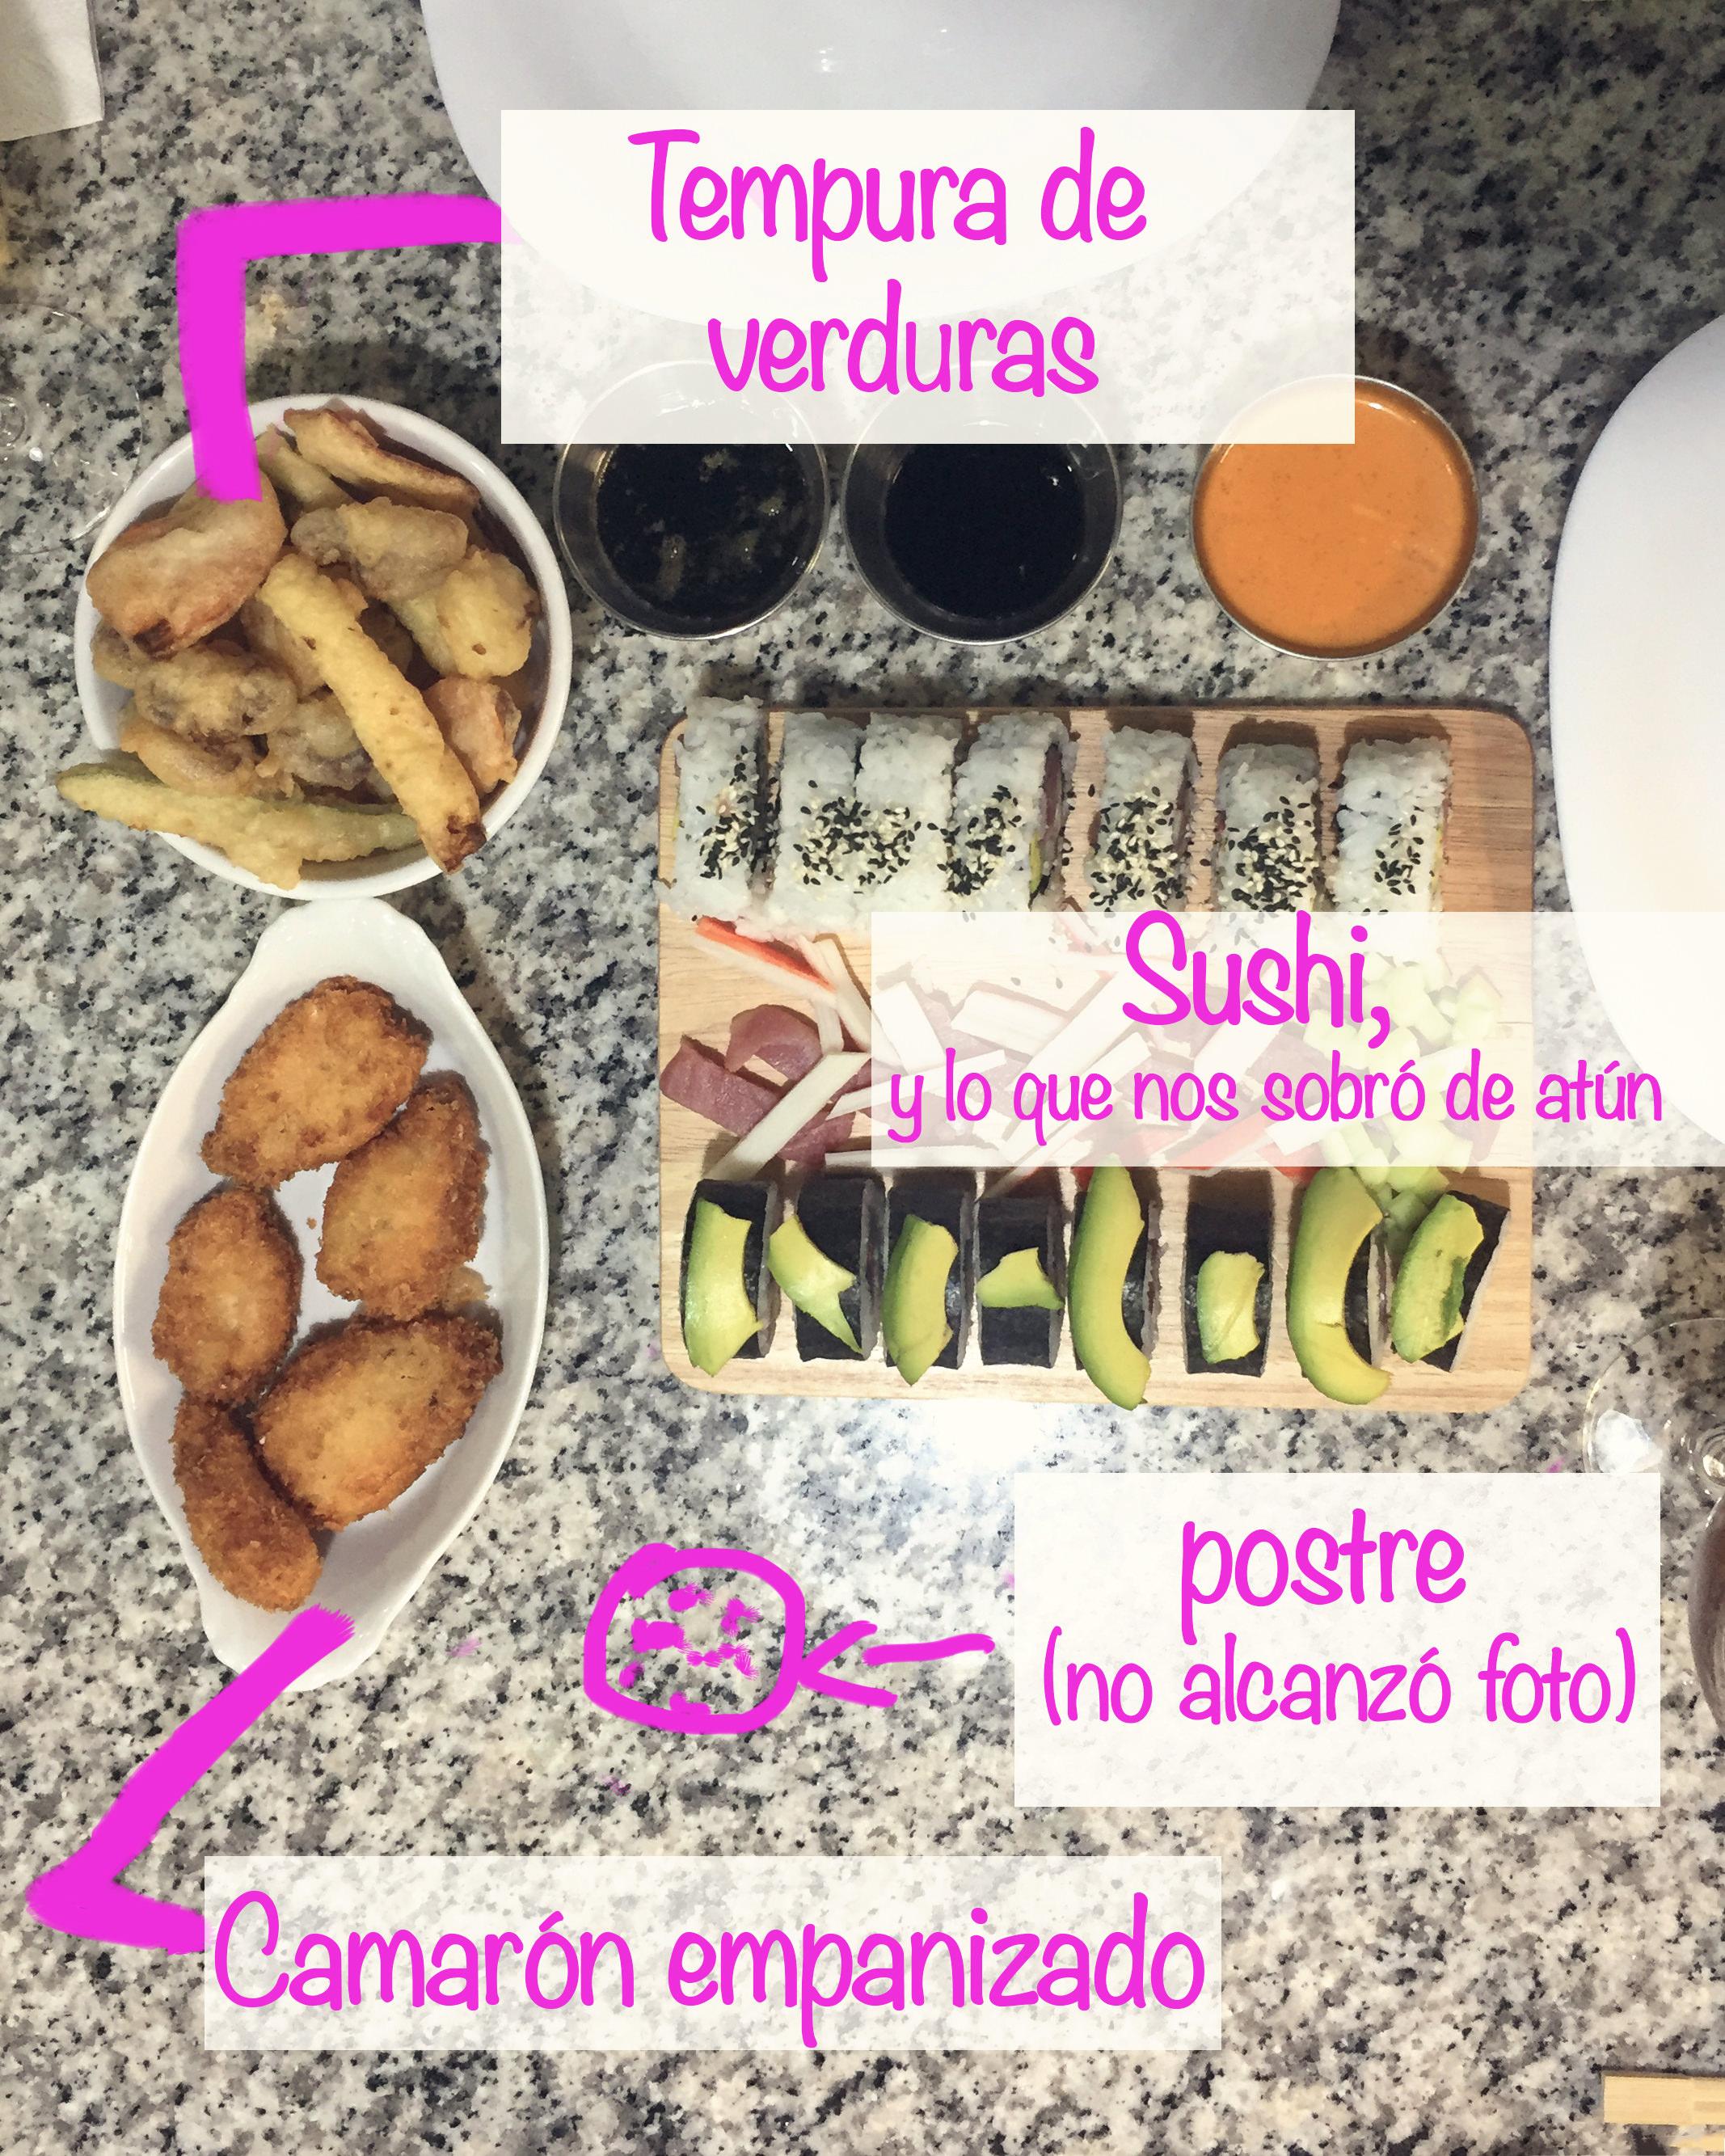 Para ser nuestro primer sushi la presentación nos quedó decente. La textura del tempura nos quedóbuenísima y crocante, y los camarones uffff (la verdad los camarones no son mi hit y el queso crema mmmñe, pero debo admitir que esta receta está riquísima).Para cuando tomé la foto aún el postre estaba refrigerándose; así que no alcancé a tomarle foto, pero debo presumir que estaba SA-BRO-SO